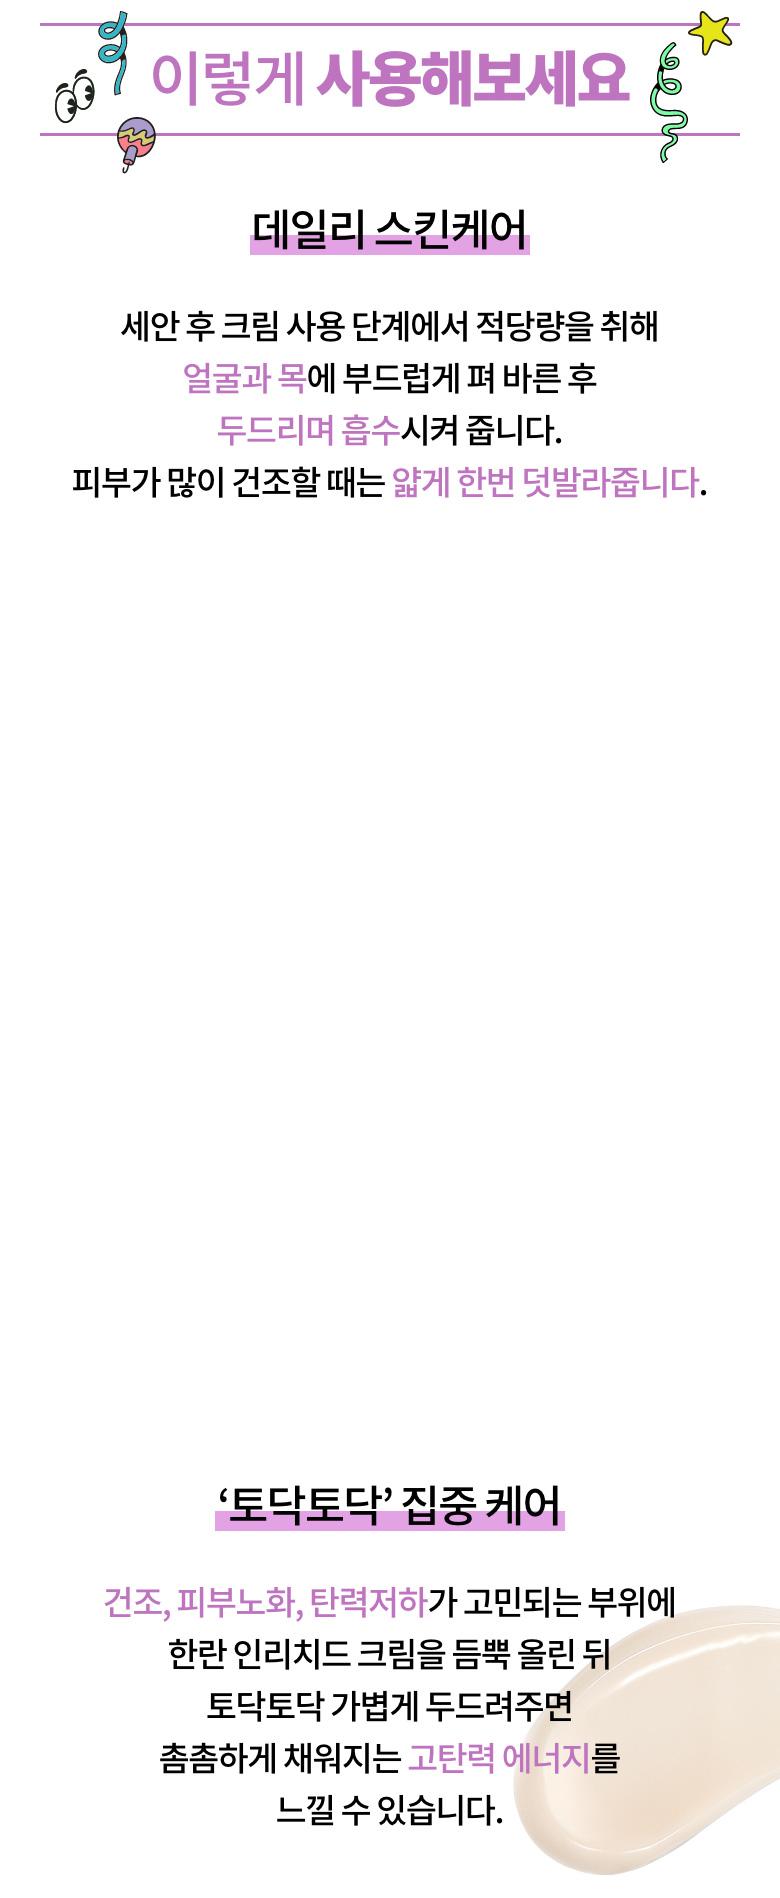 이니스프리 2020 Green Holidays Edition 한란 인리치드 크림 홀리데이 에디션